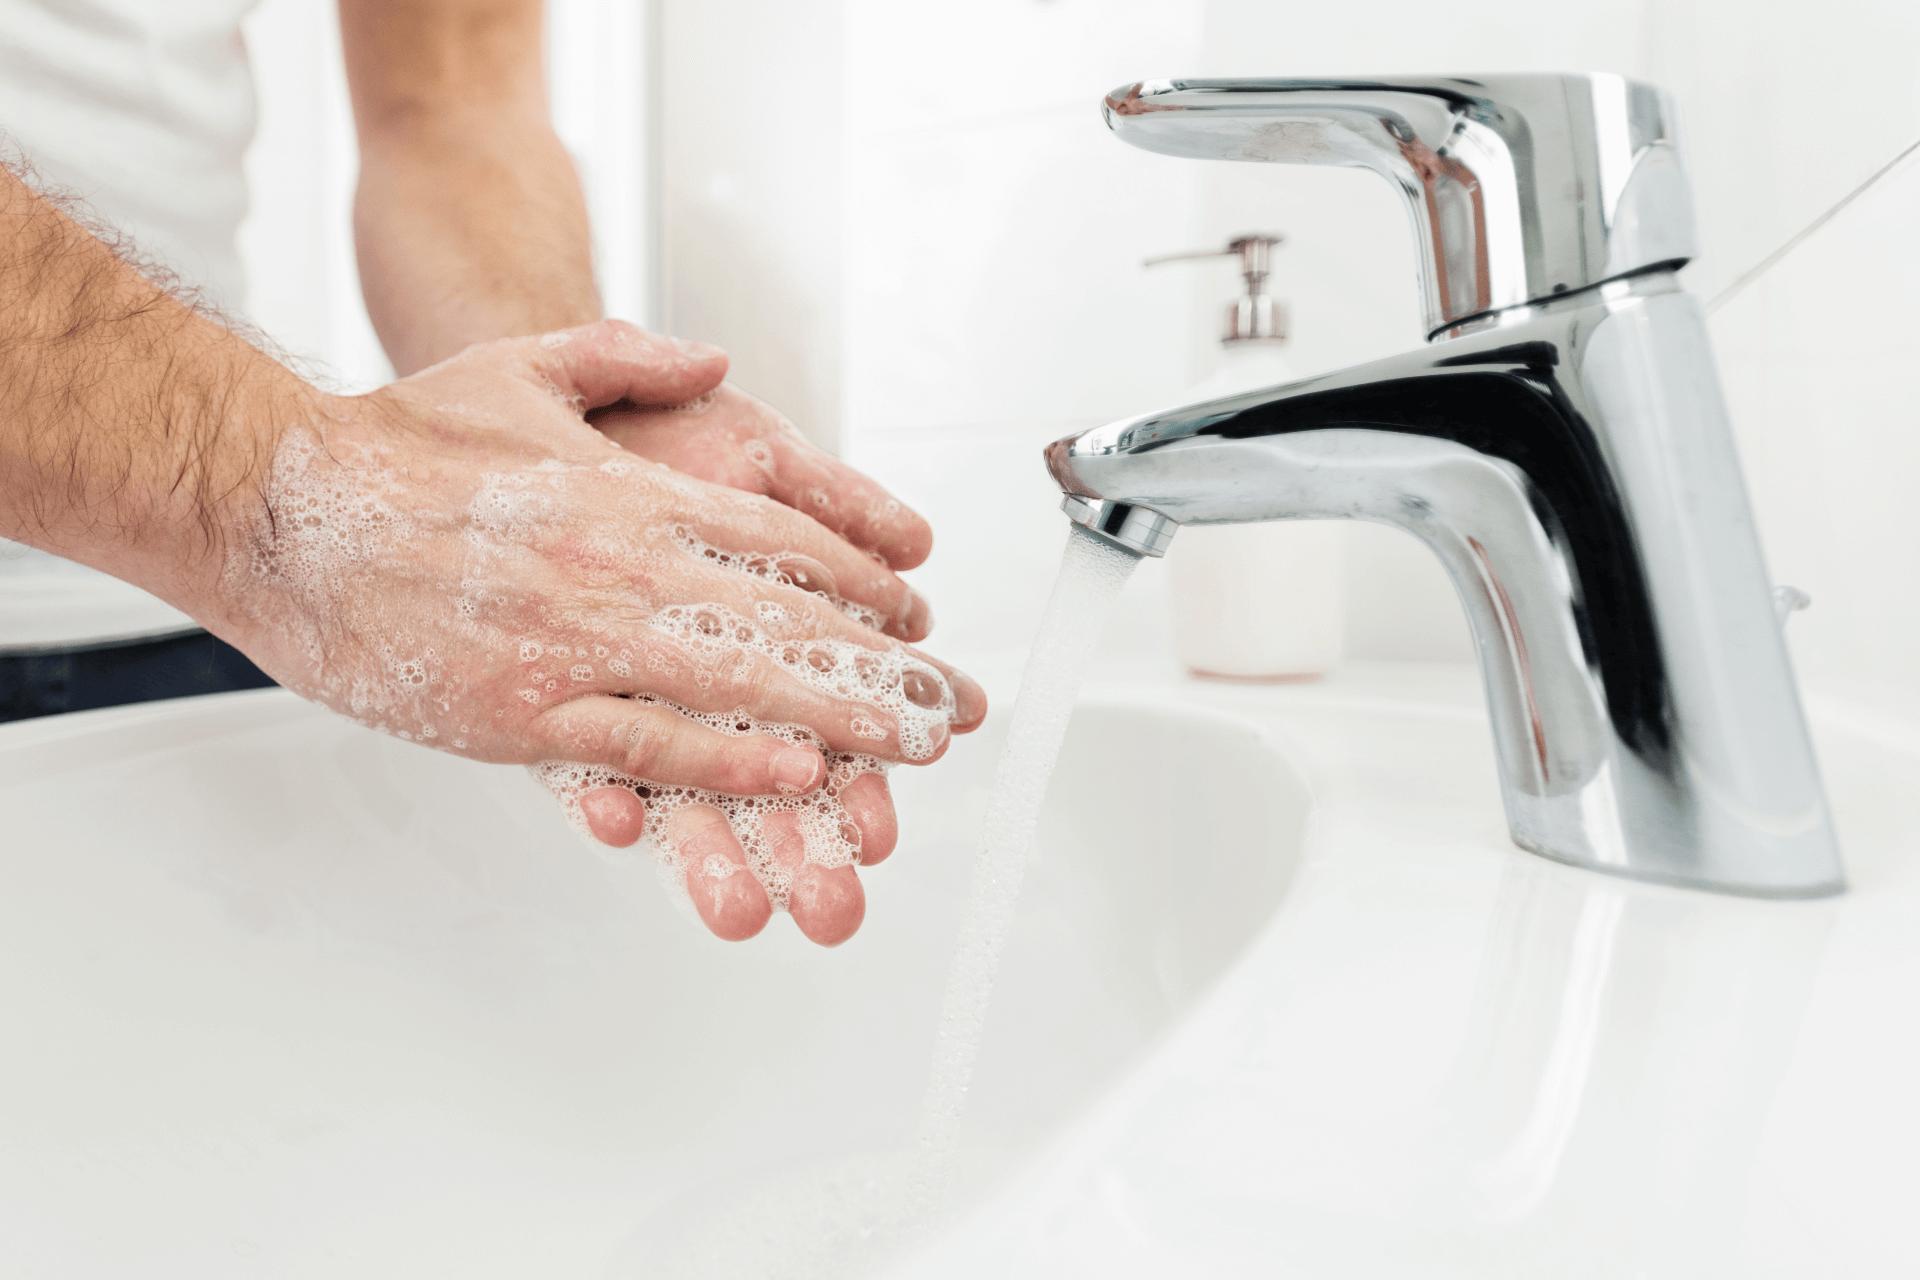 Landvetter Parkering | Coronavirus: Tvätta händerna ordentligt